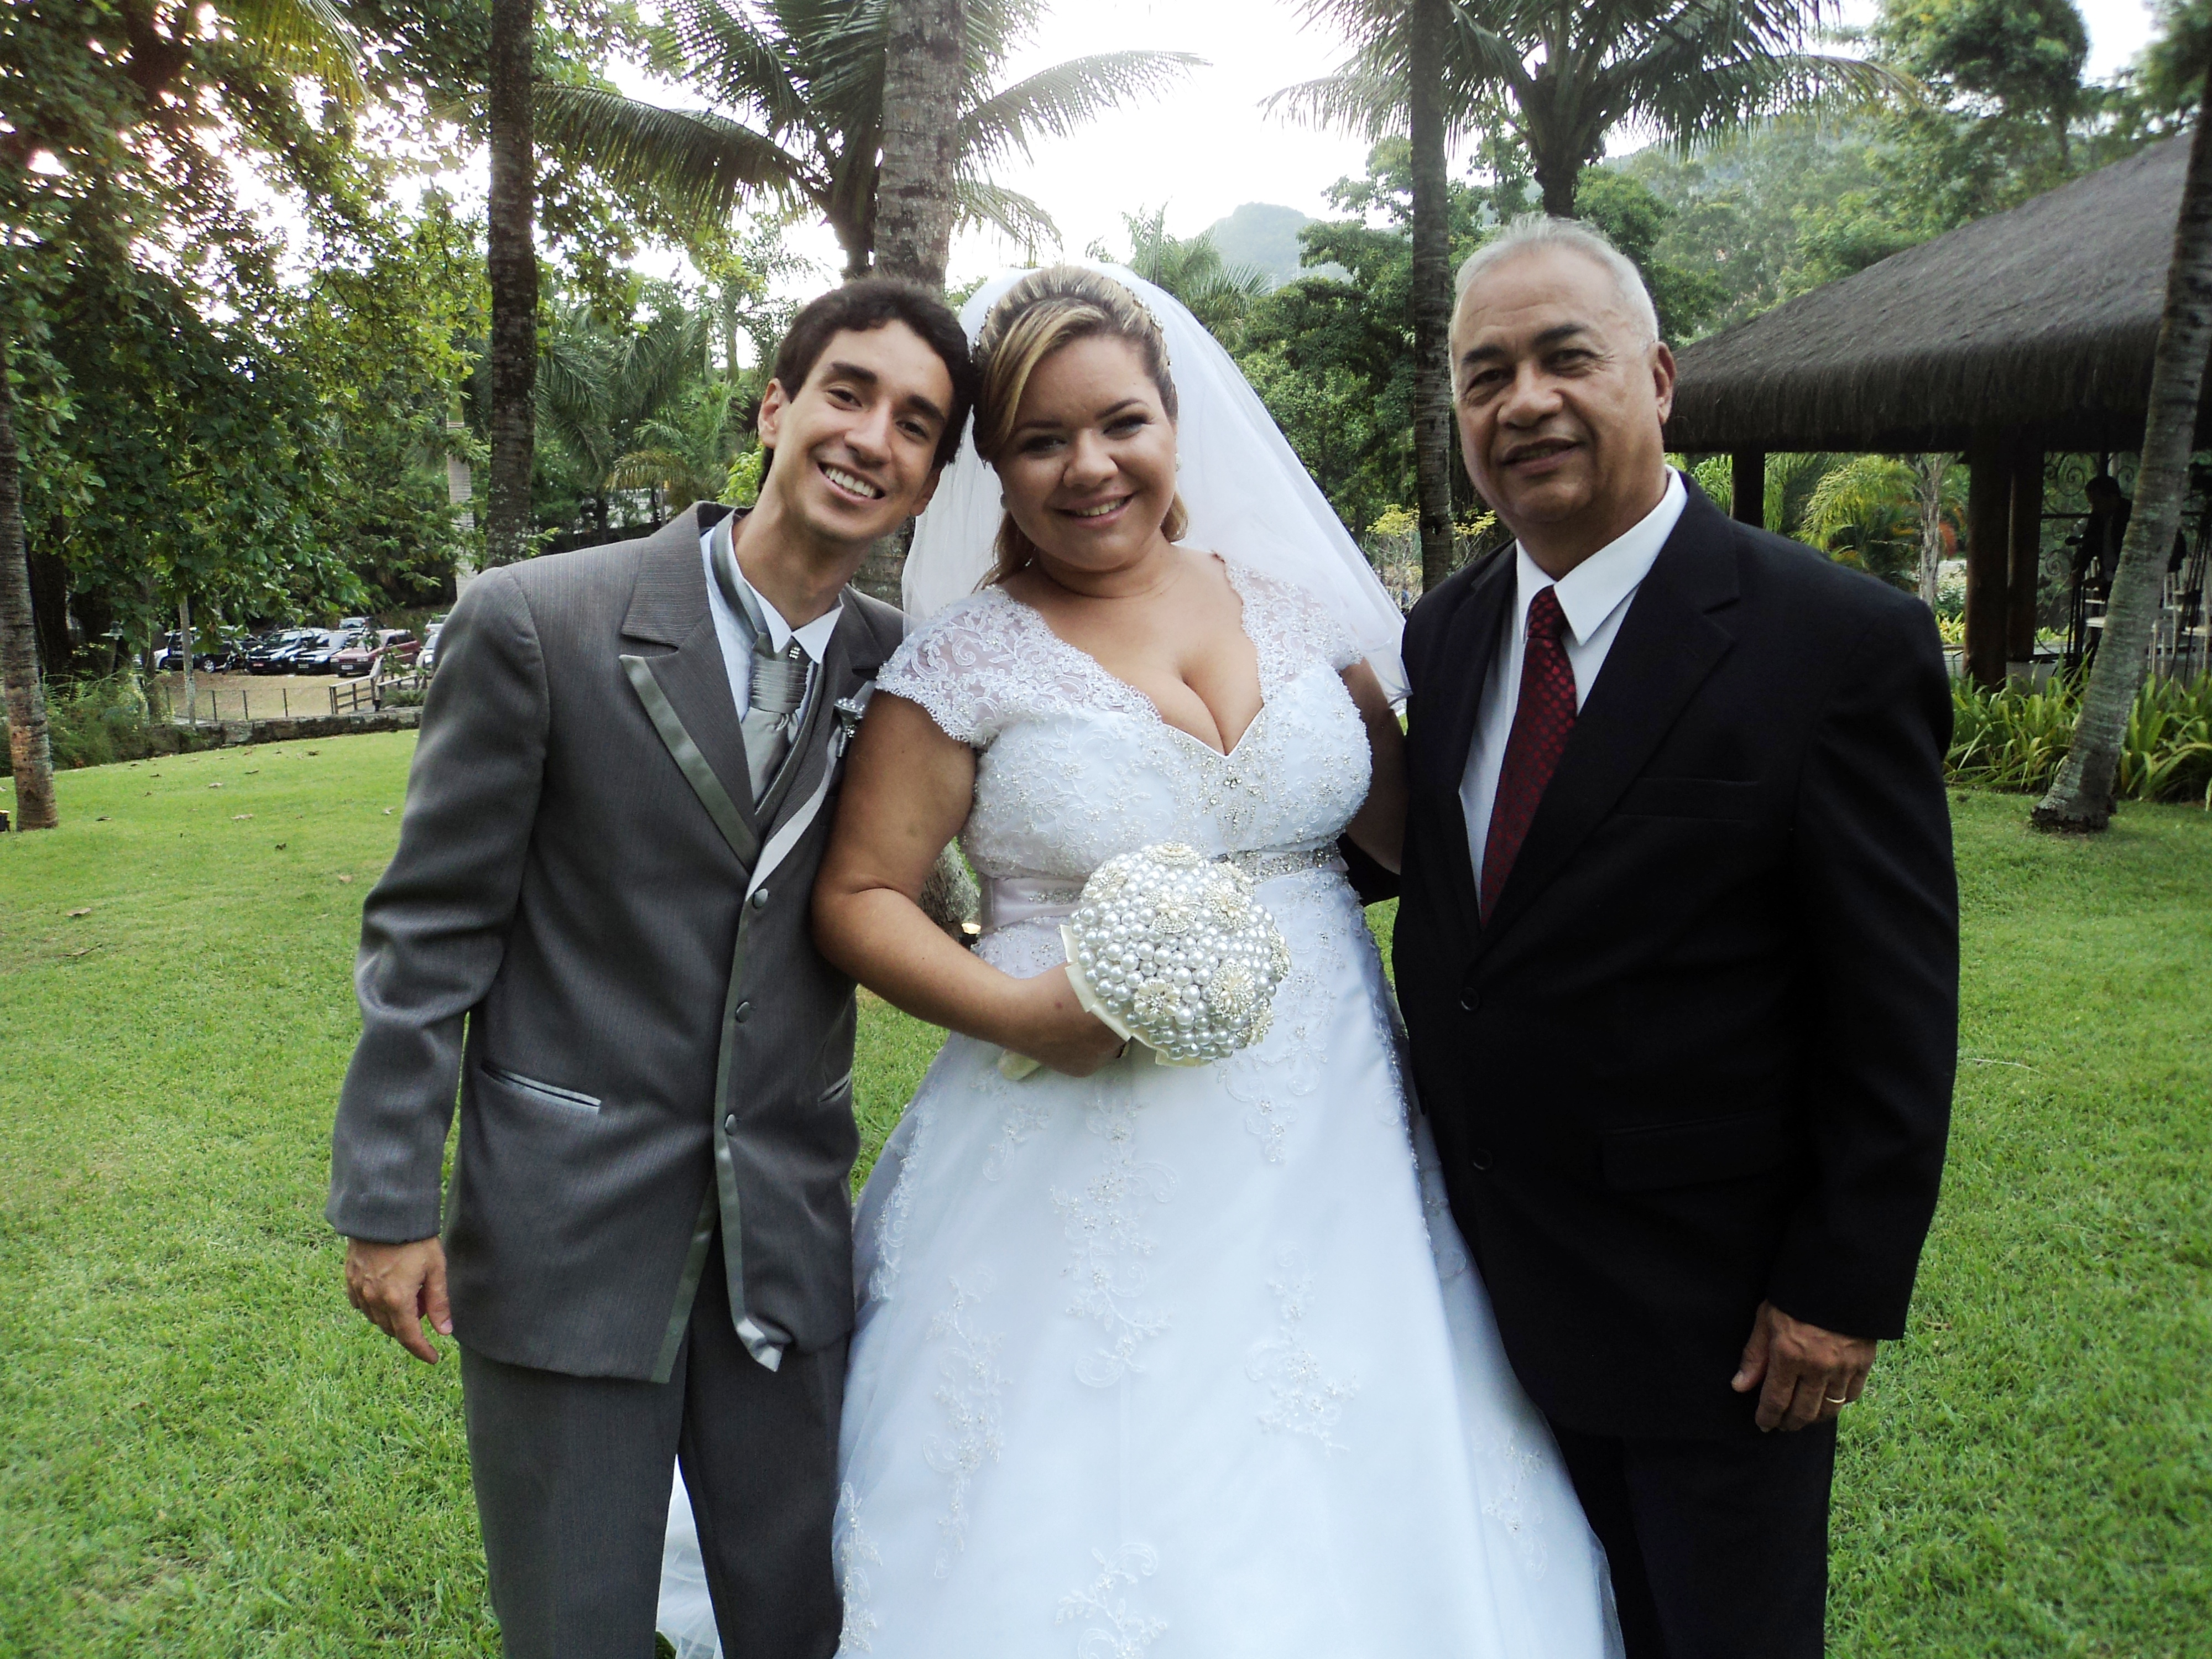 Túlio com os noivos Marcelo e Bernadete.